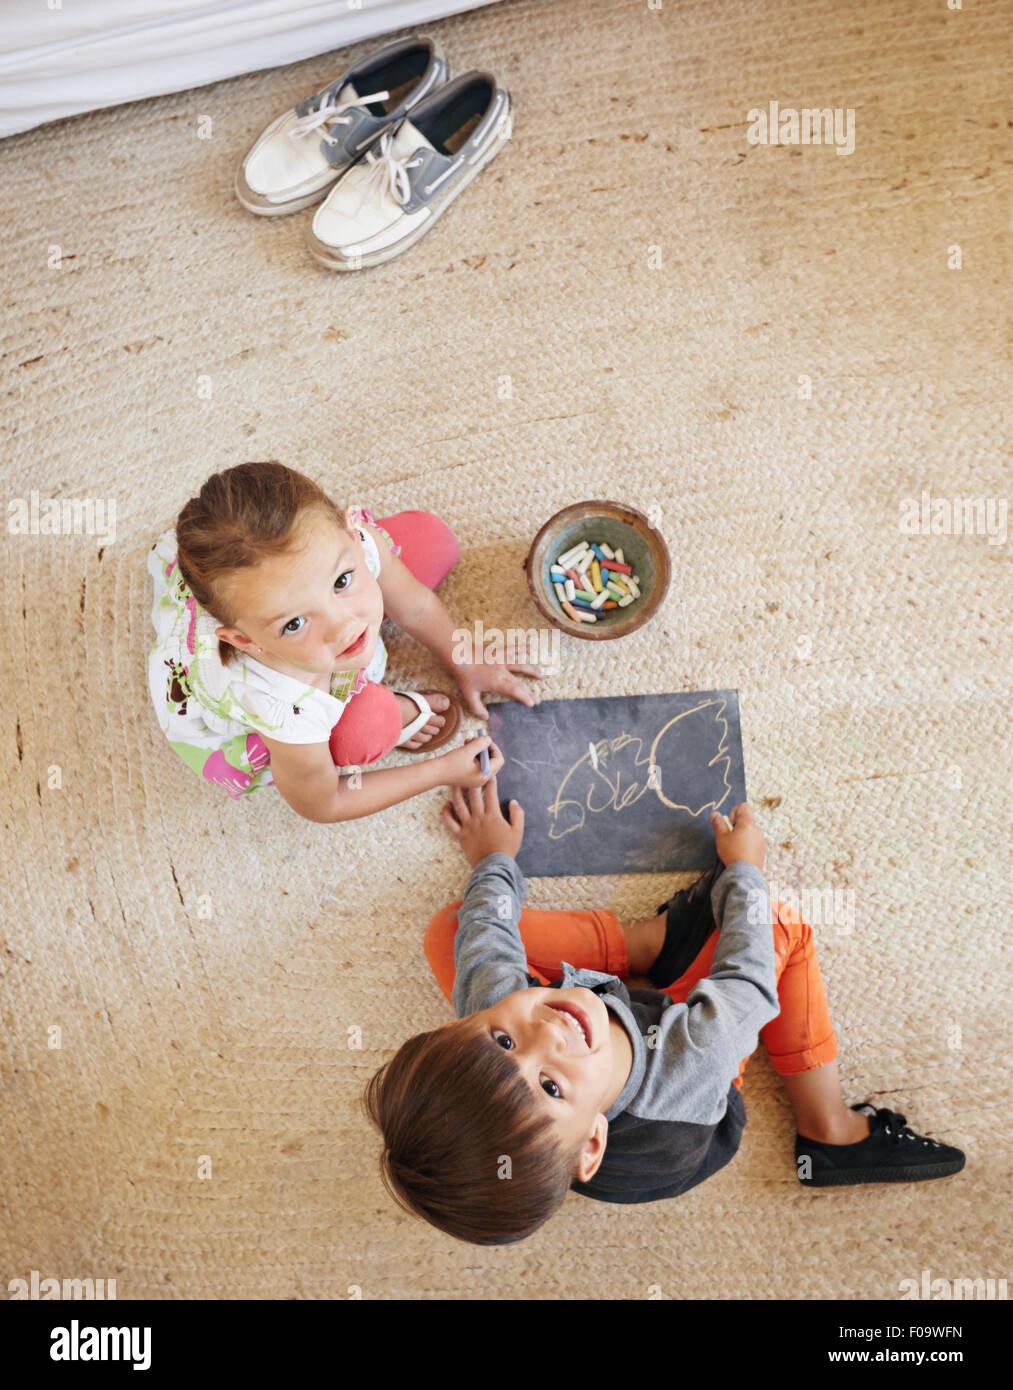 Draufsicht der zwei kleine Kinder sitzen am Boden nach oben auf die Kamera während des Zeichnens. Stockbild